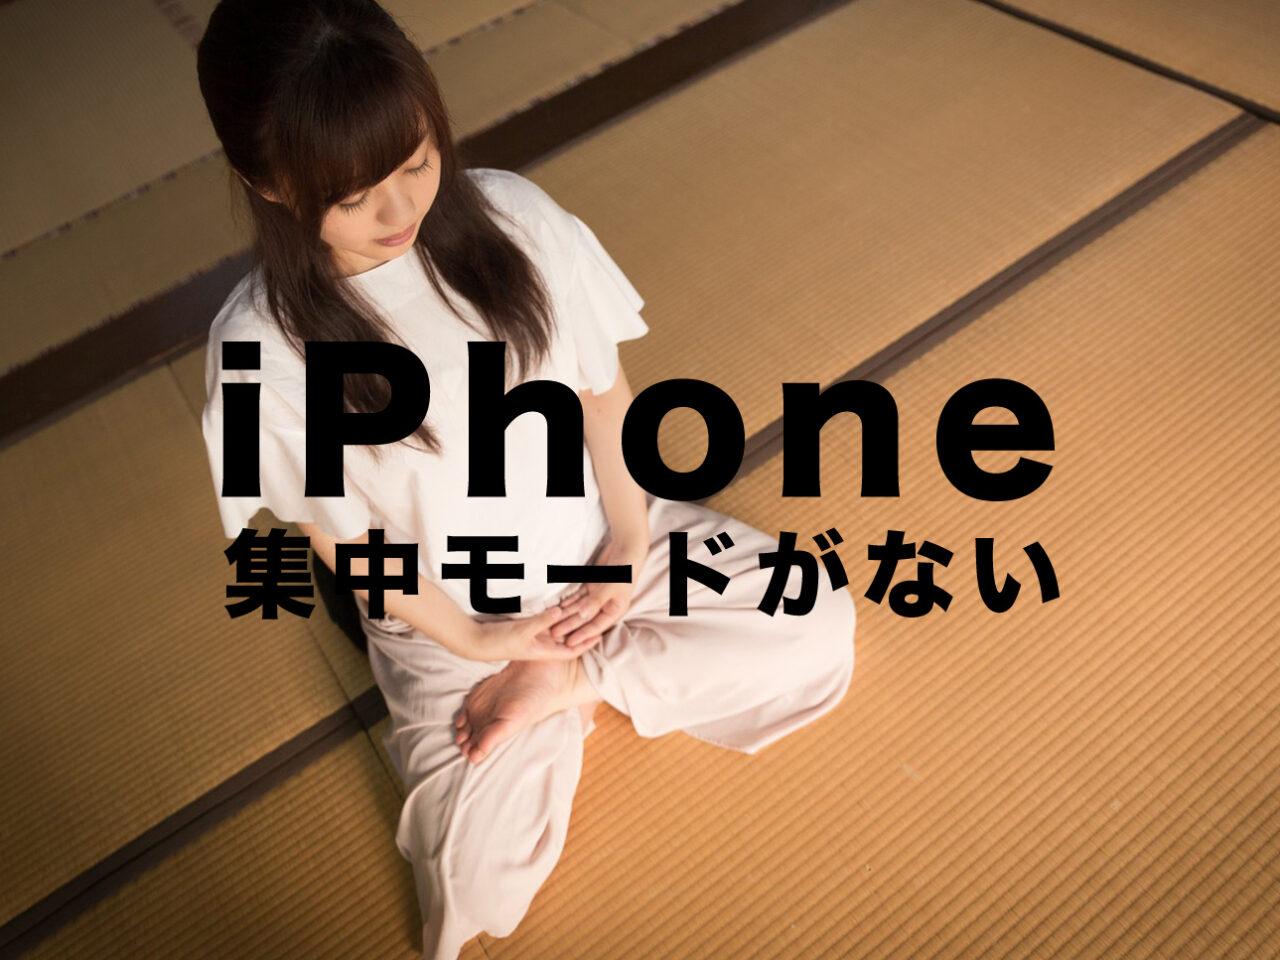 iOS15のiPhoneで集中モードがない&できない場合の原因と対処法は?のサムネイル画像